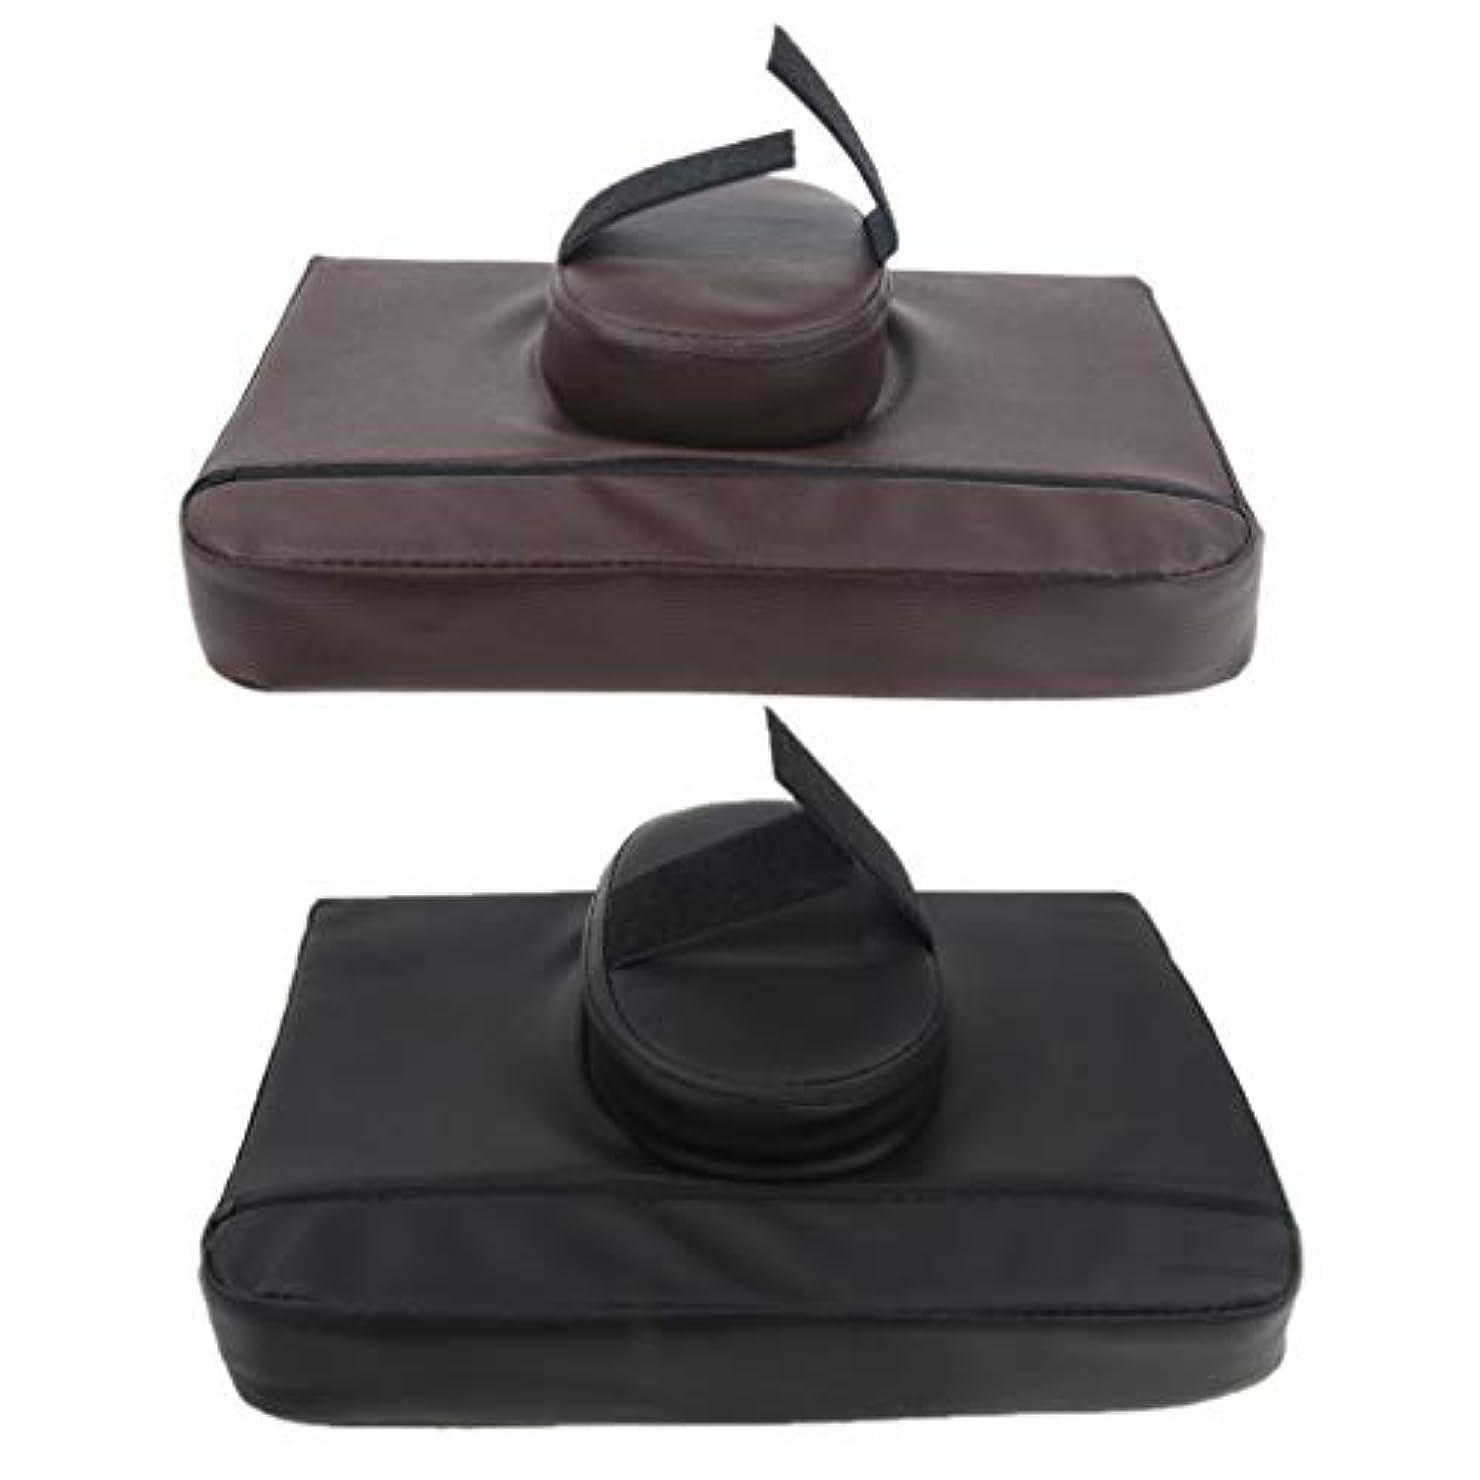 スピリチュアル何大きなスケールで見るとマッサージ枕 マッサージピロー クッション スクエア マッサージテーブル用 ソフト 快適 2ピース